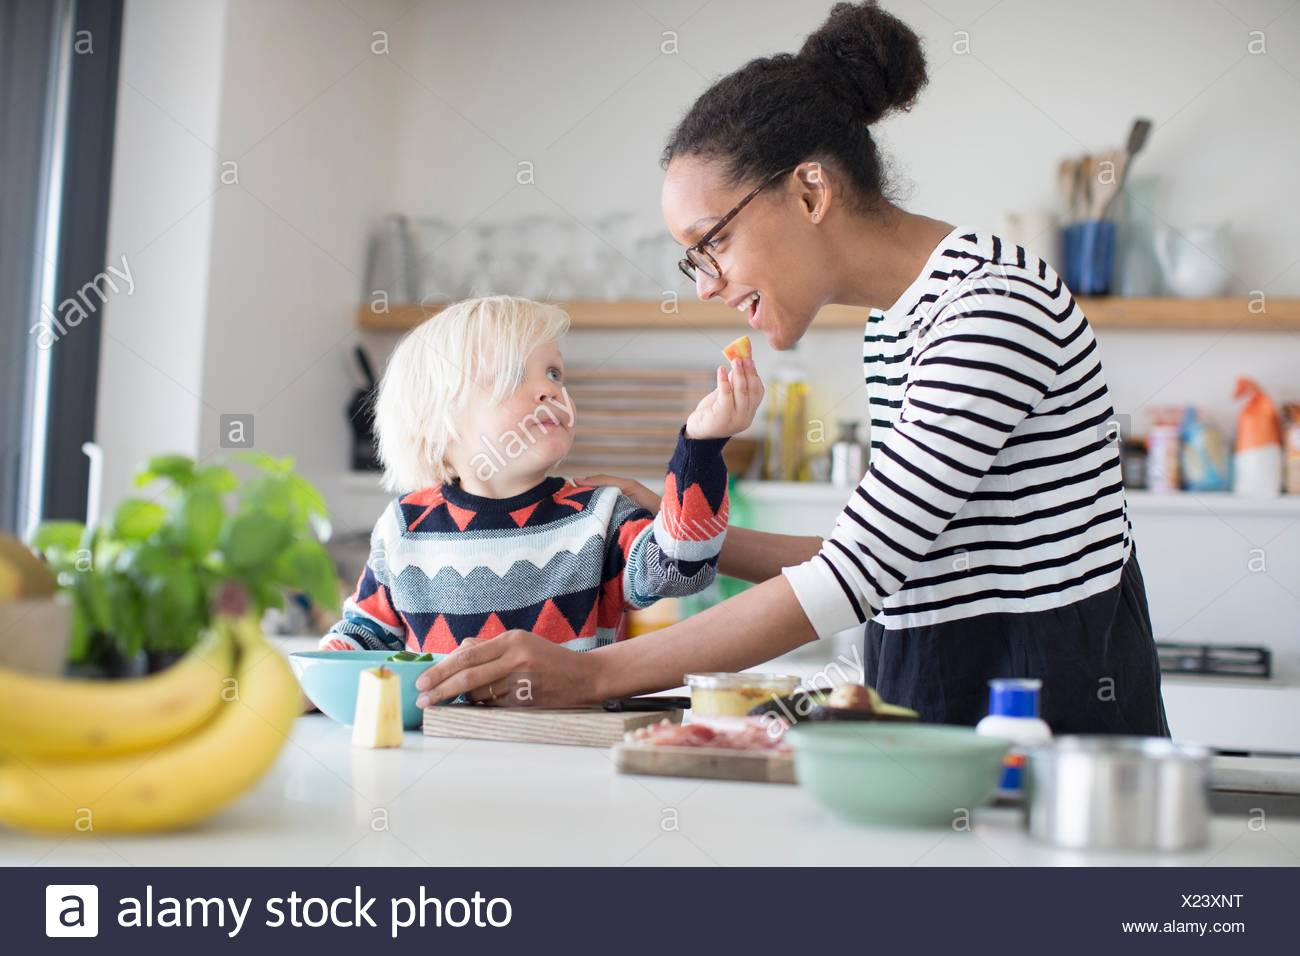 Sohn Mutter Essen in Küche Fütterung Stockbild